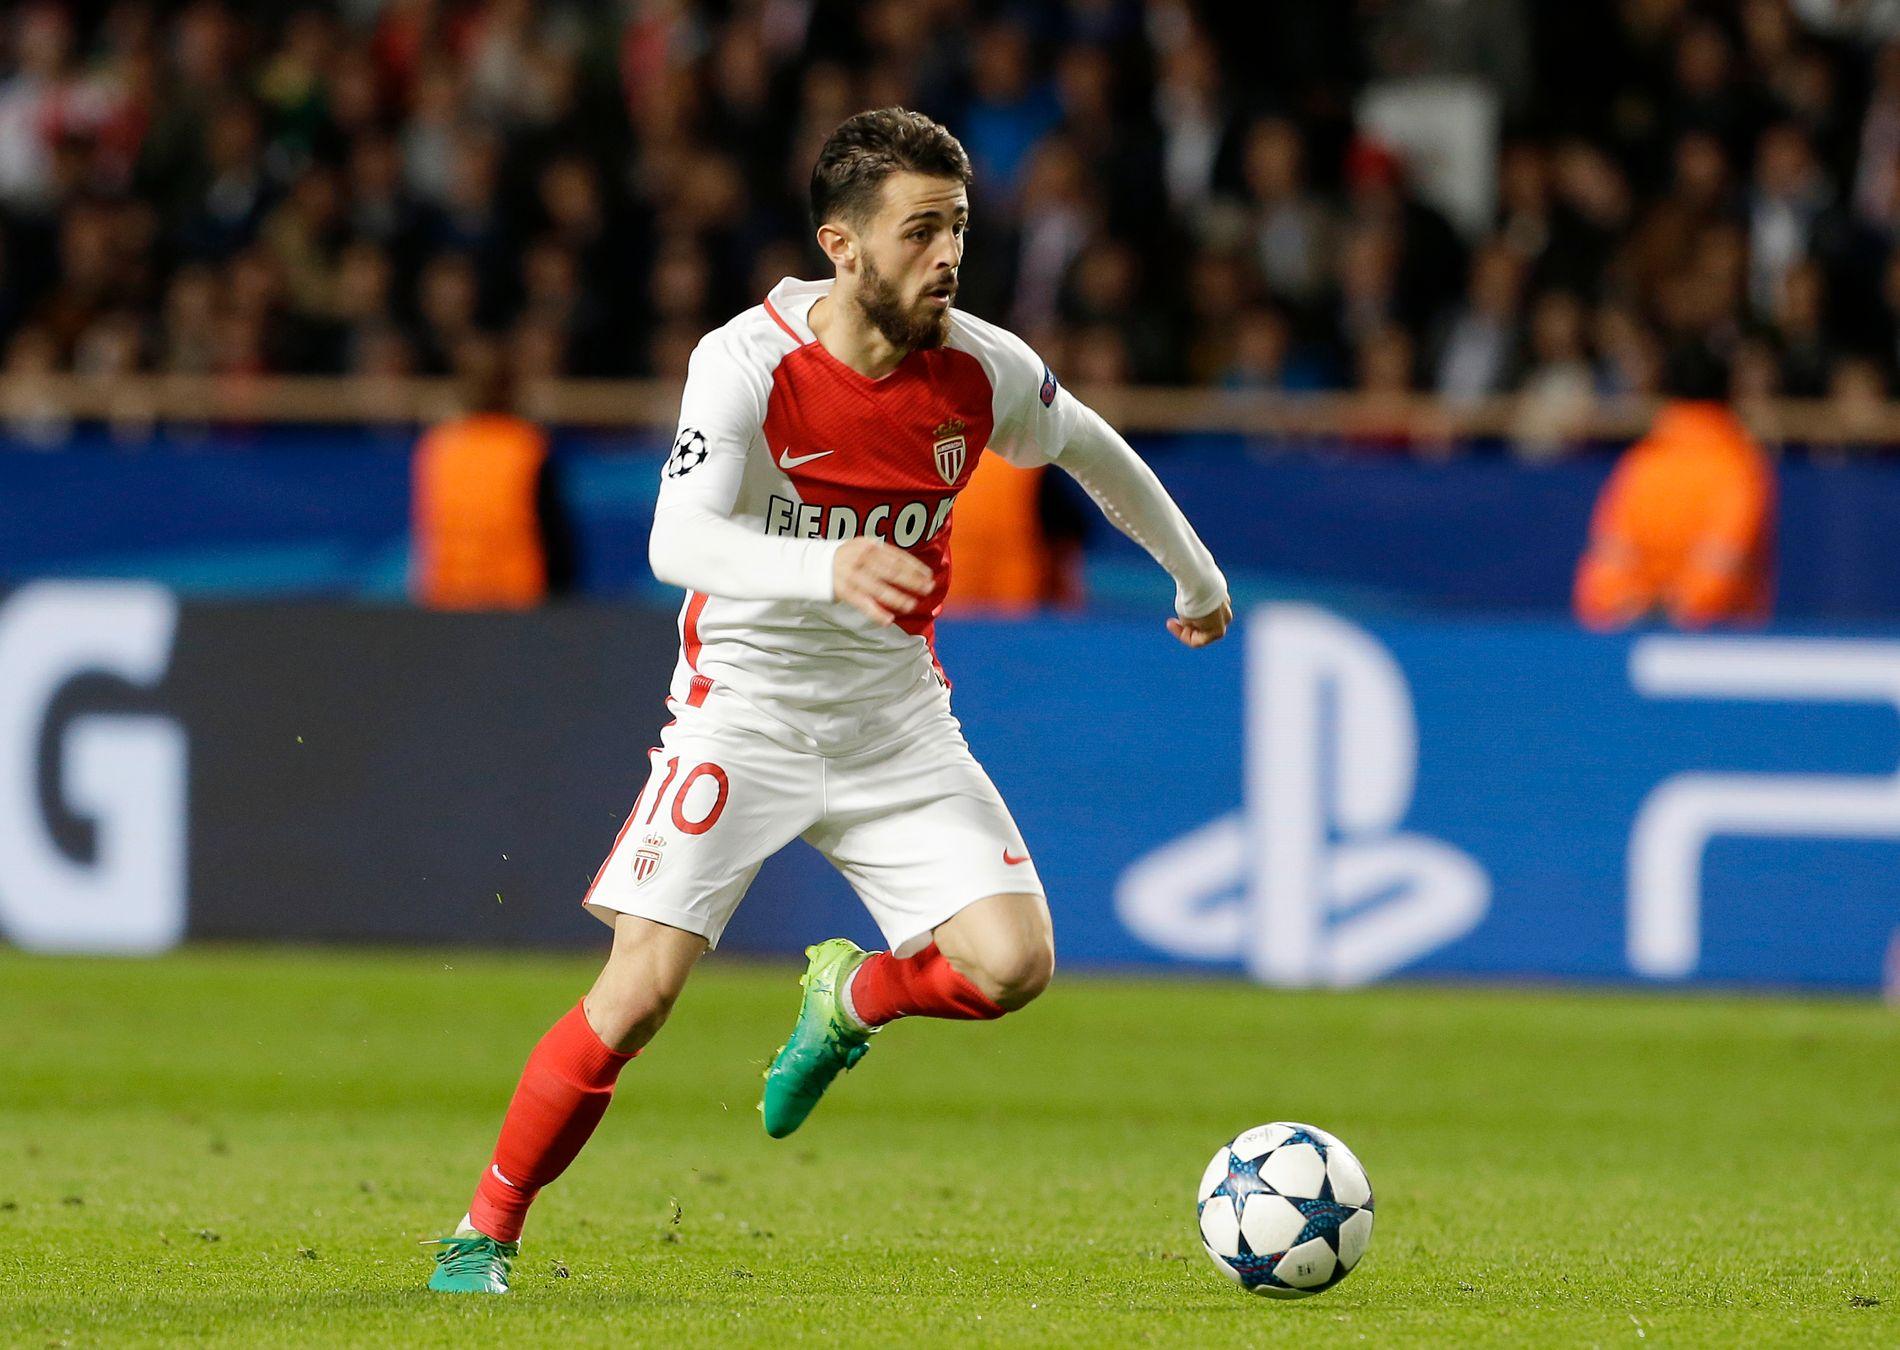 Bernardo Silva er hentet til City fra Porto for rundt 460 millioner kroner. Her er han i aksjon for Monaco i Champions League-kampen mot Juventus.